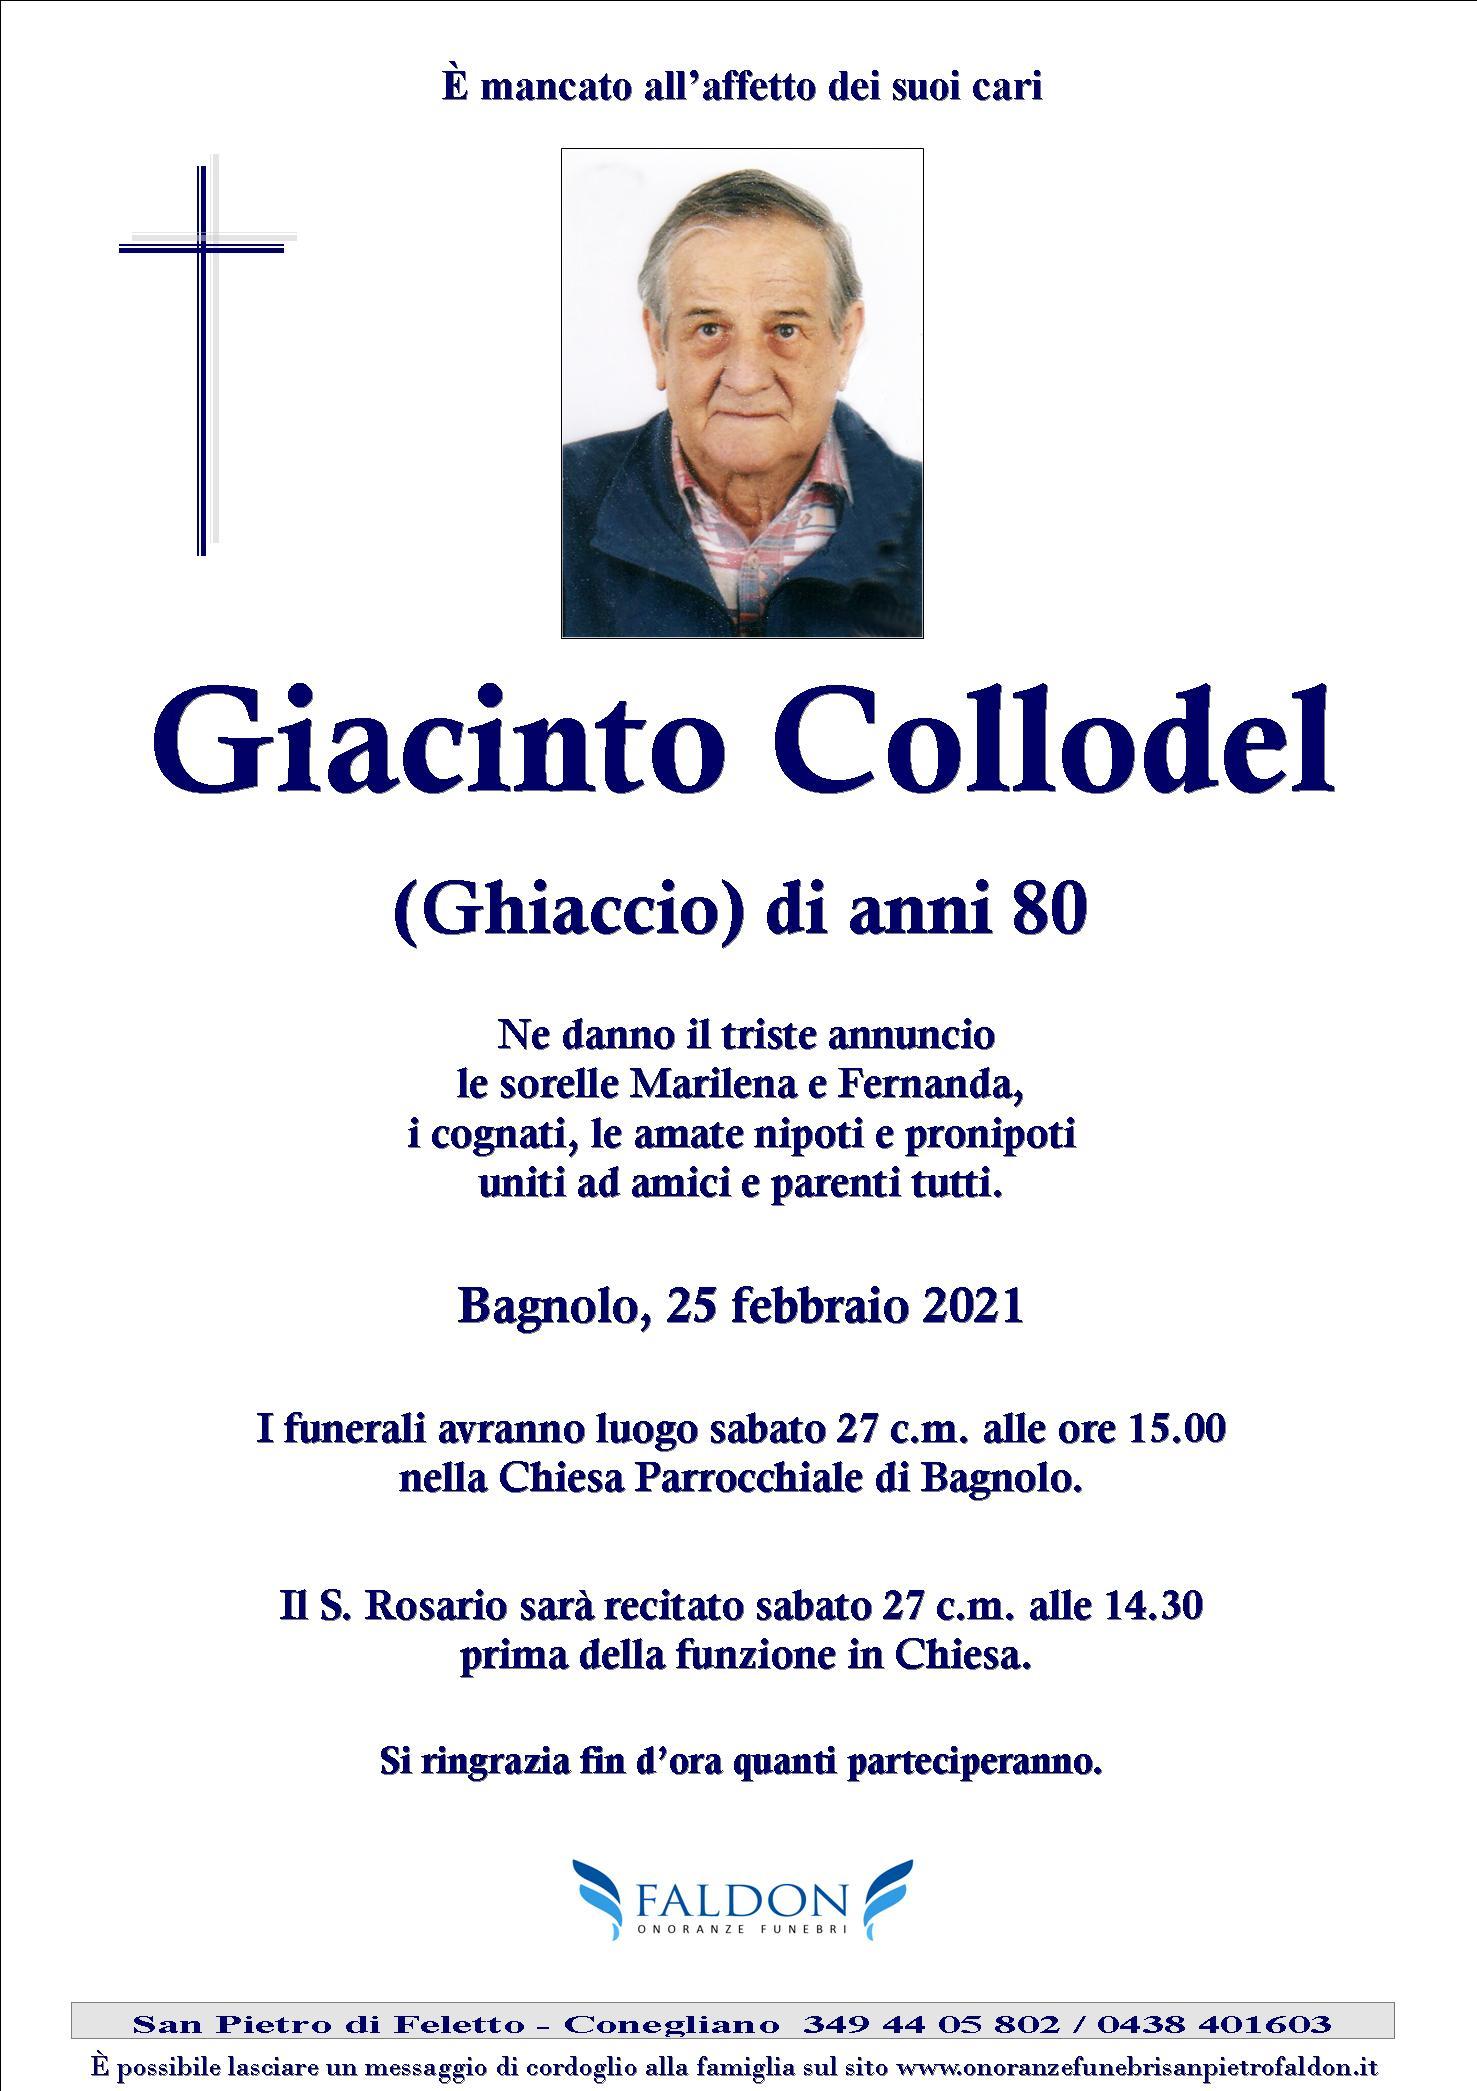 Giacinto Collodel